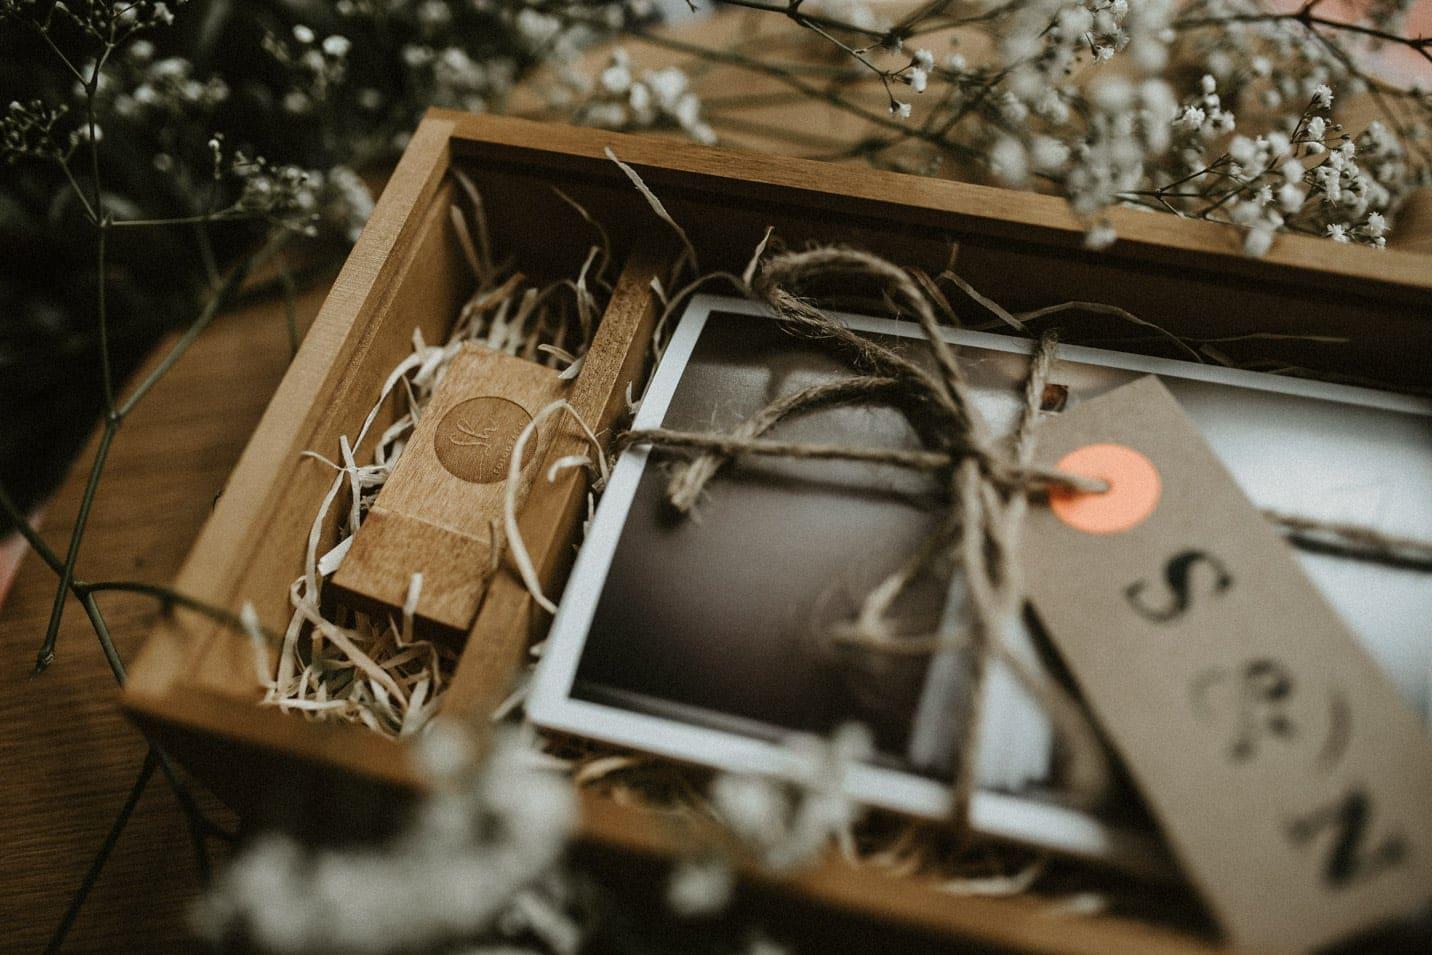 Holz USB Stick vom Hochzeitsfotografen Sven Hebbinghaus